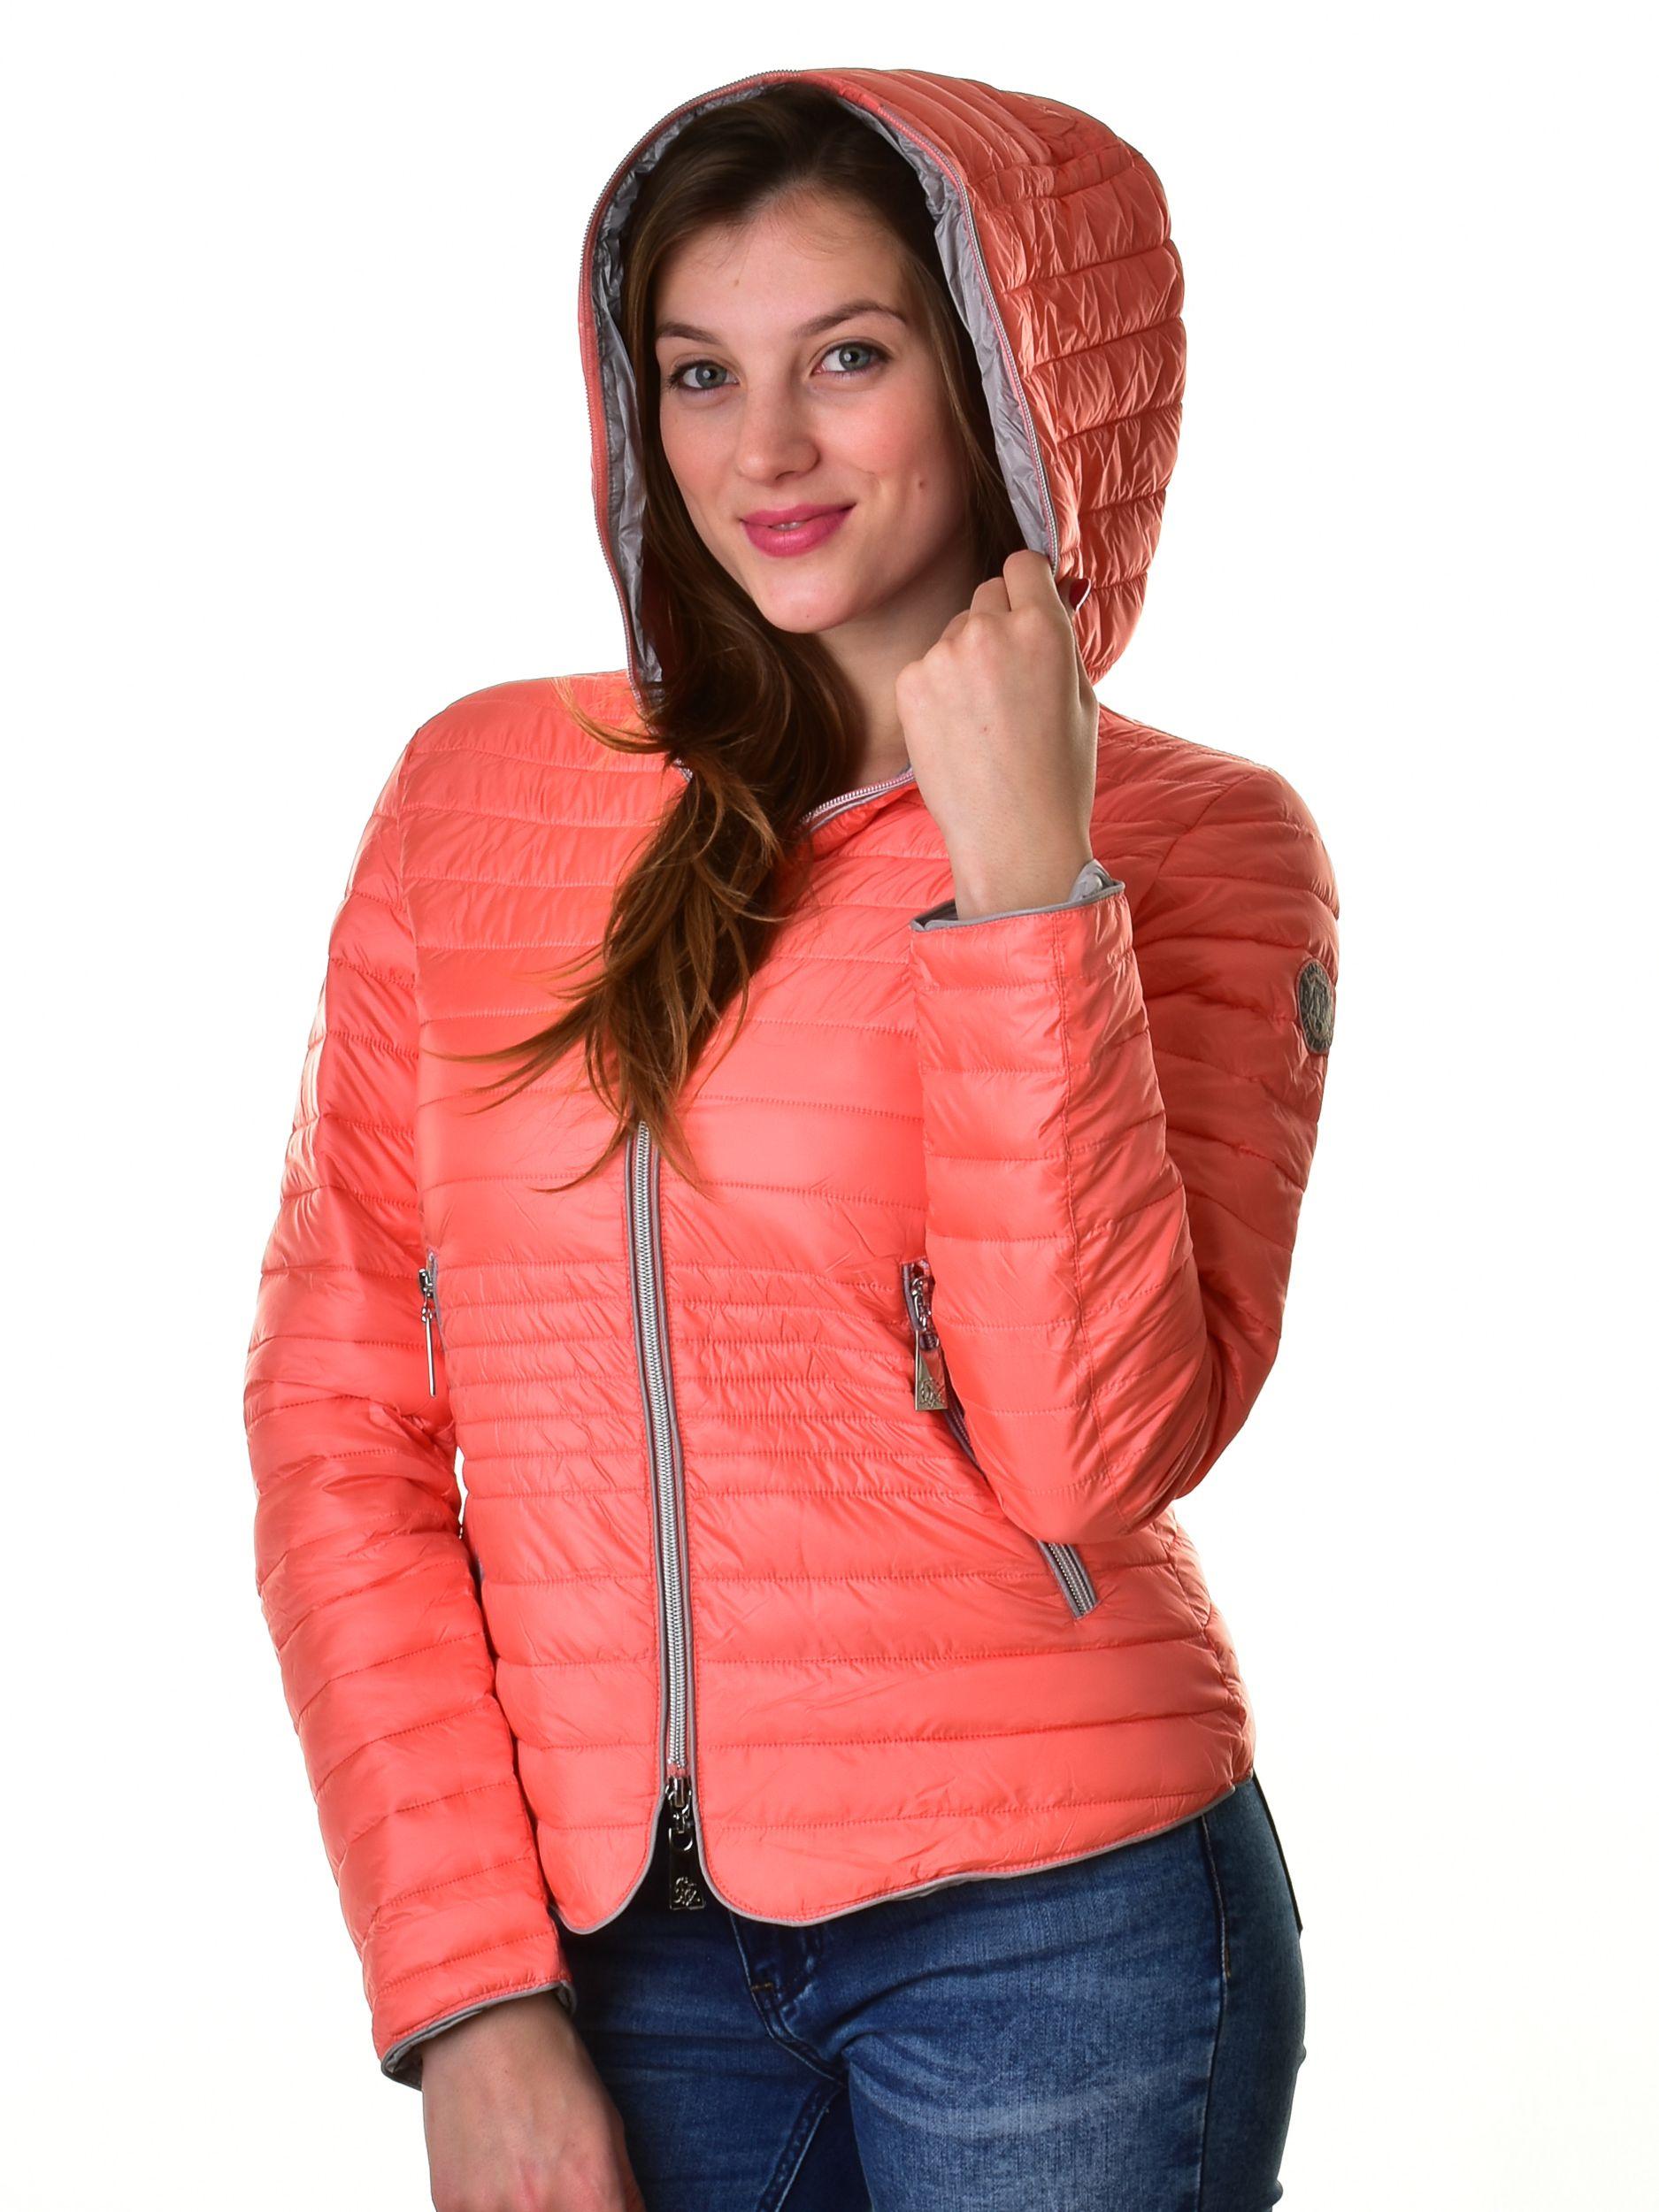 ec7c2b3439 Mayo Chix női átmeneti kabát NINA | Markasbolt.hu Hivatalos Mayo ...